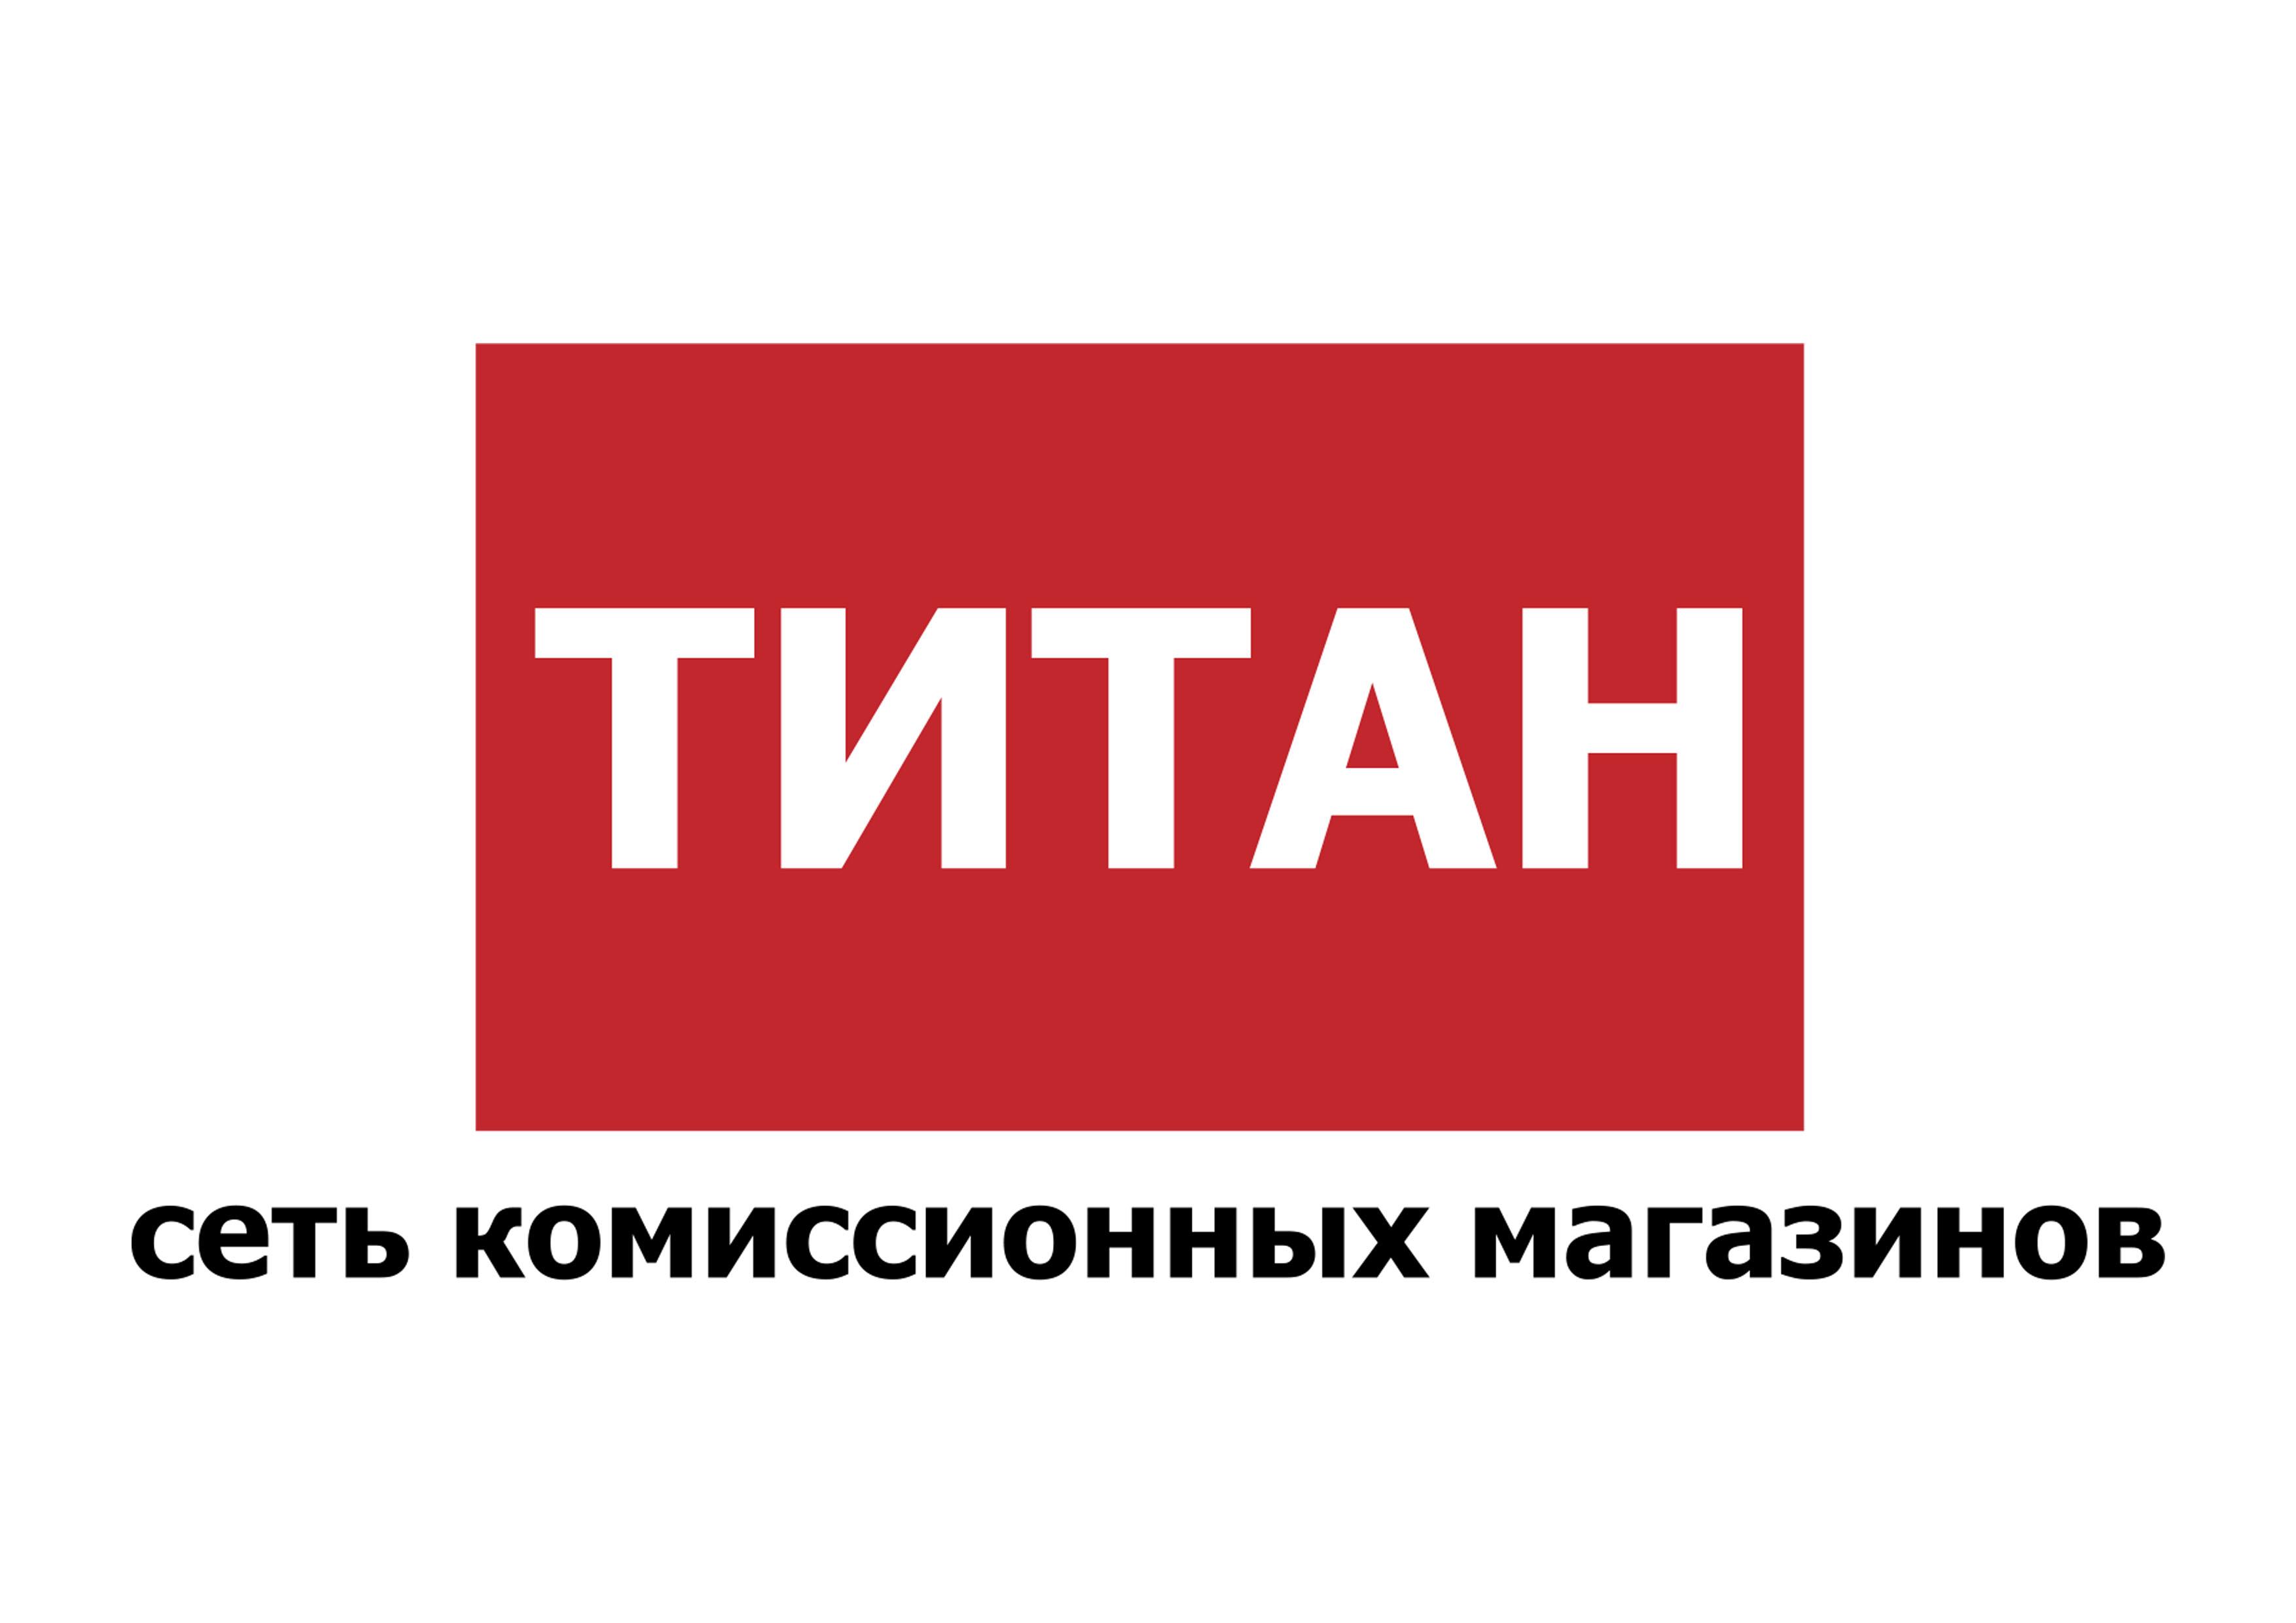 Разработка логотипа (срочно) фото f_9875d49d0585699d.jpg